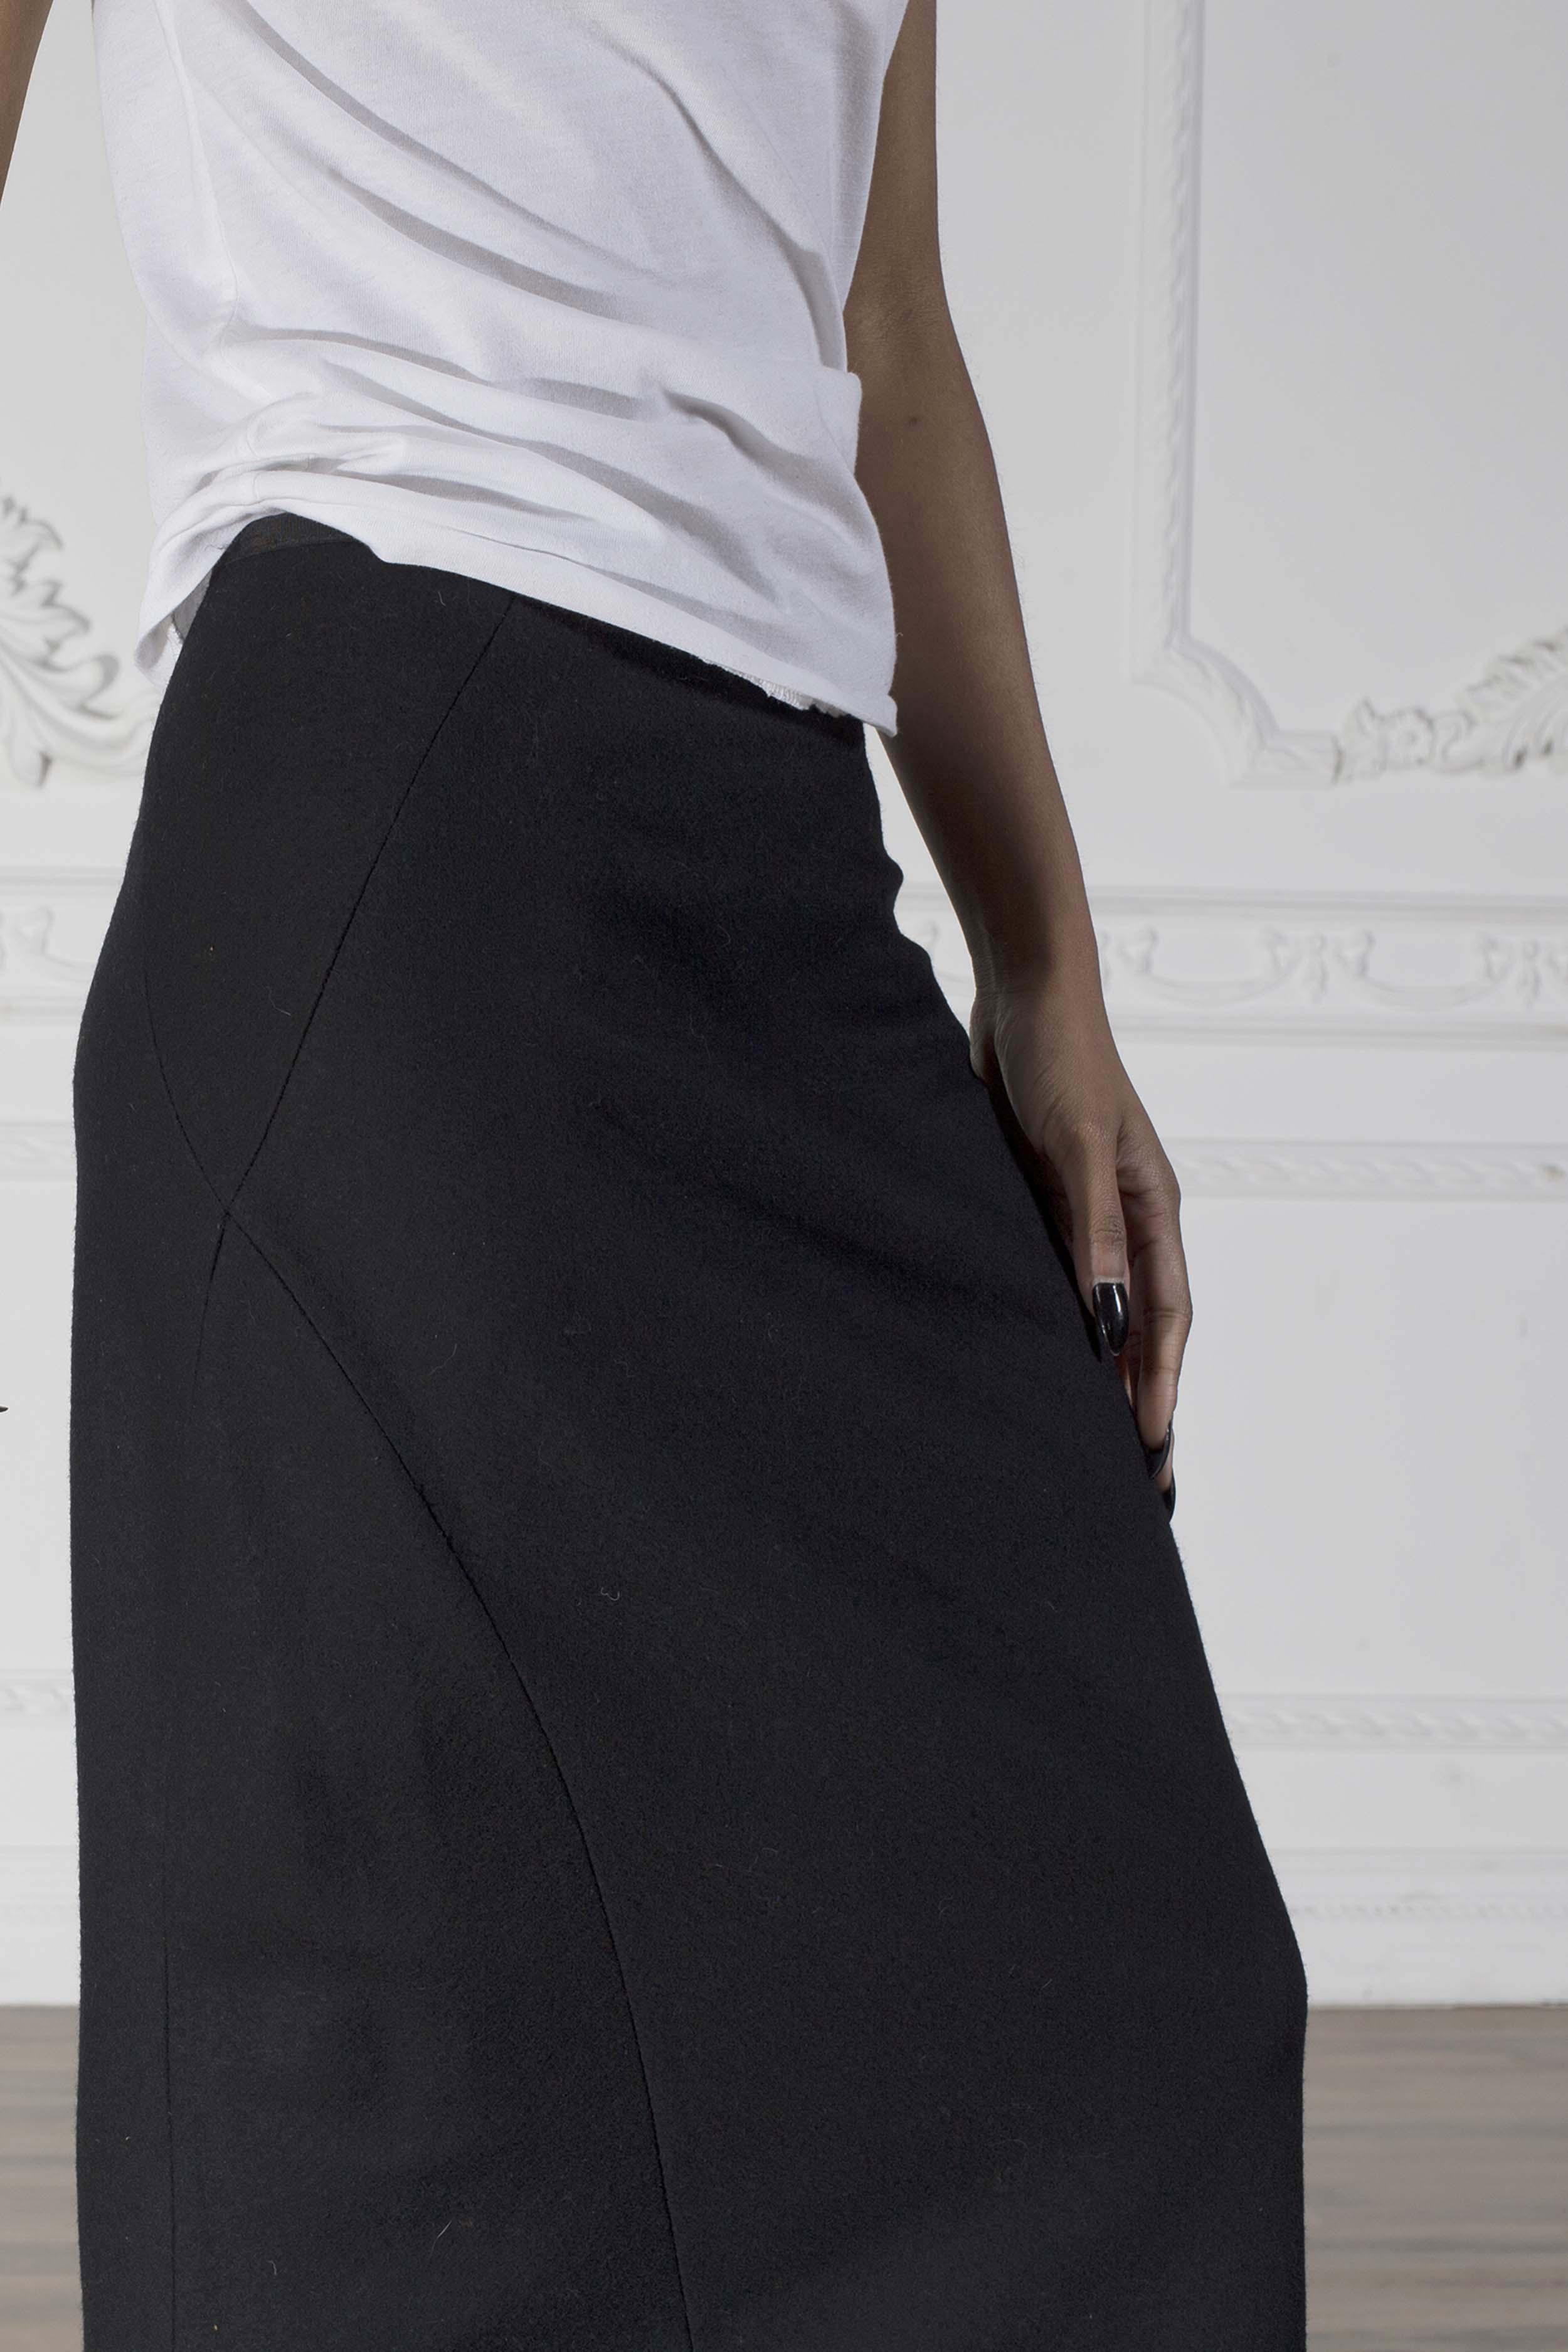 X Skirt_detail.jpg